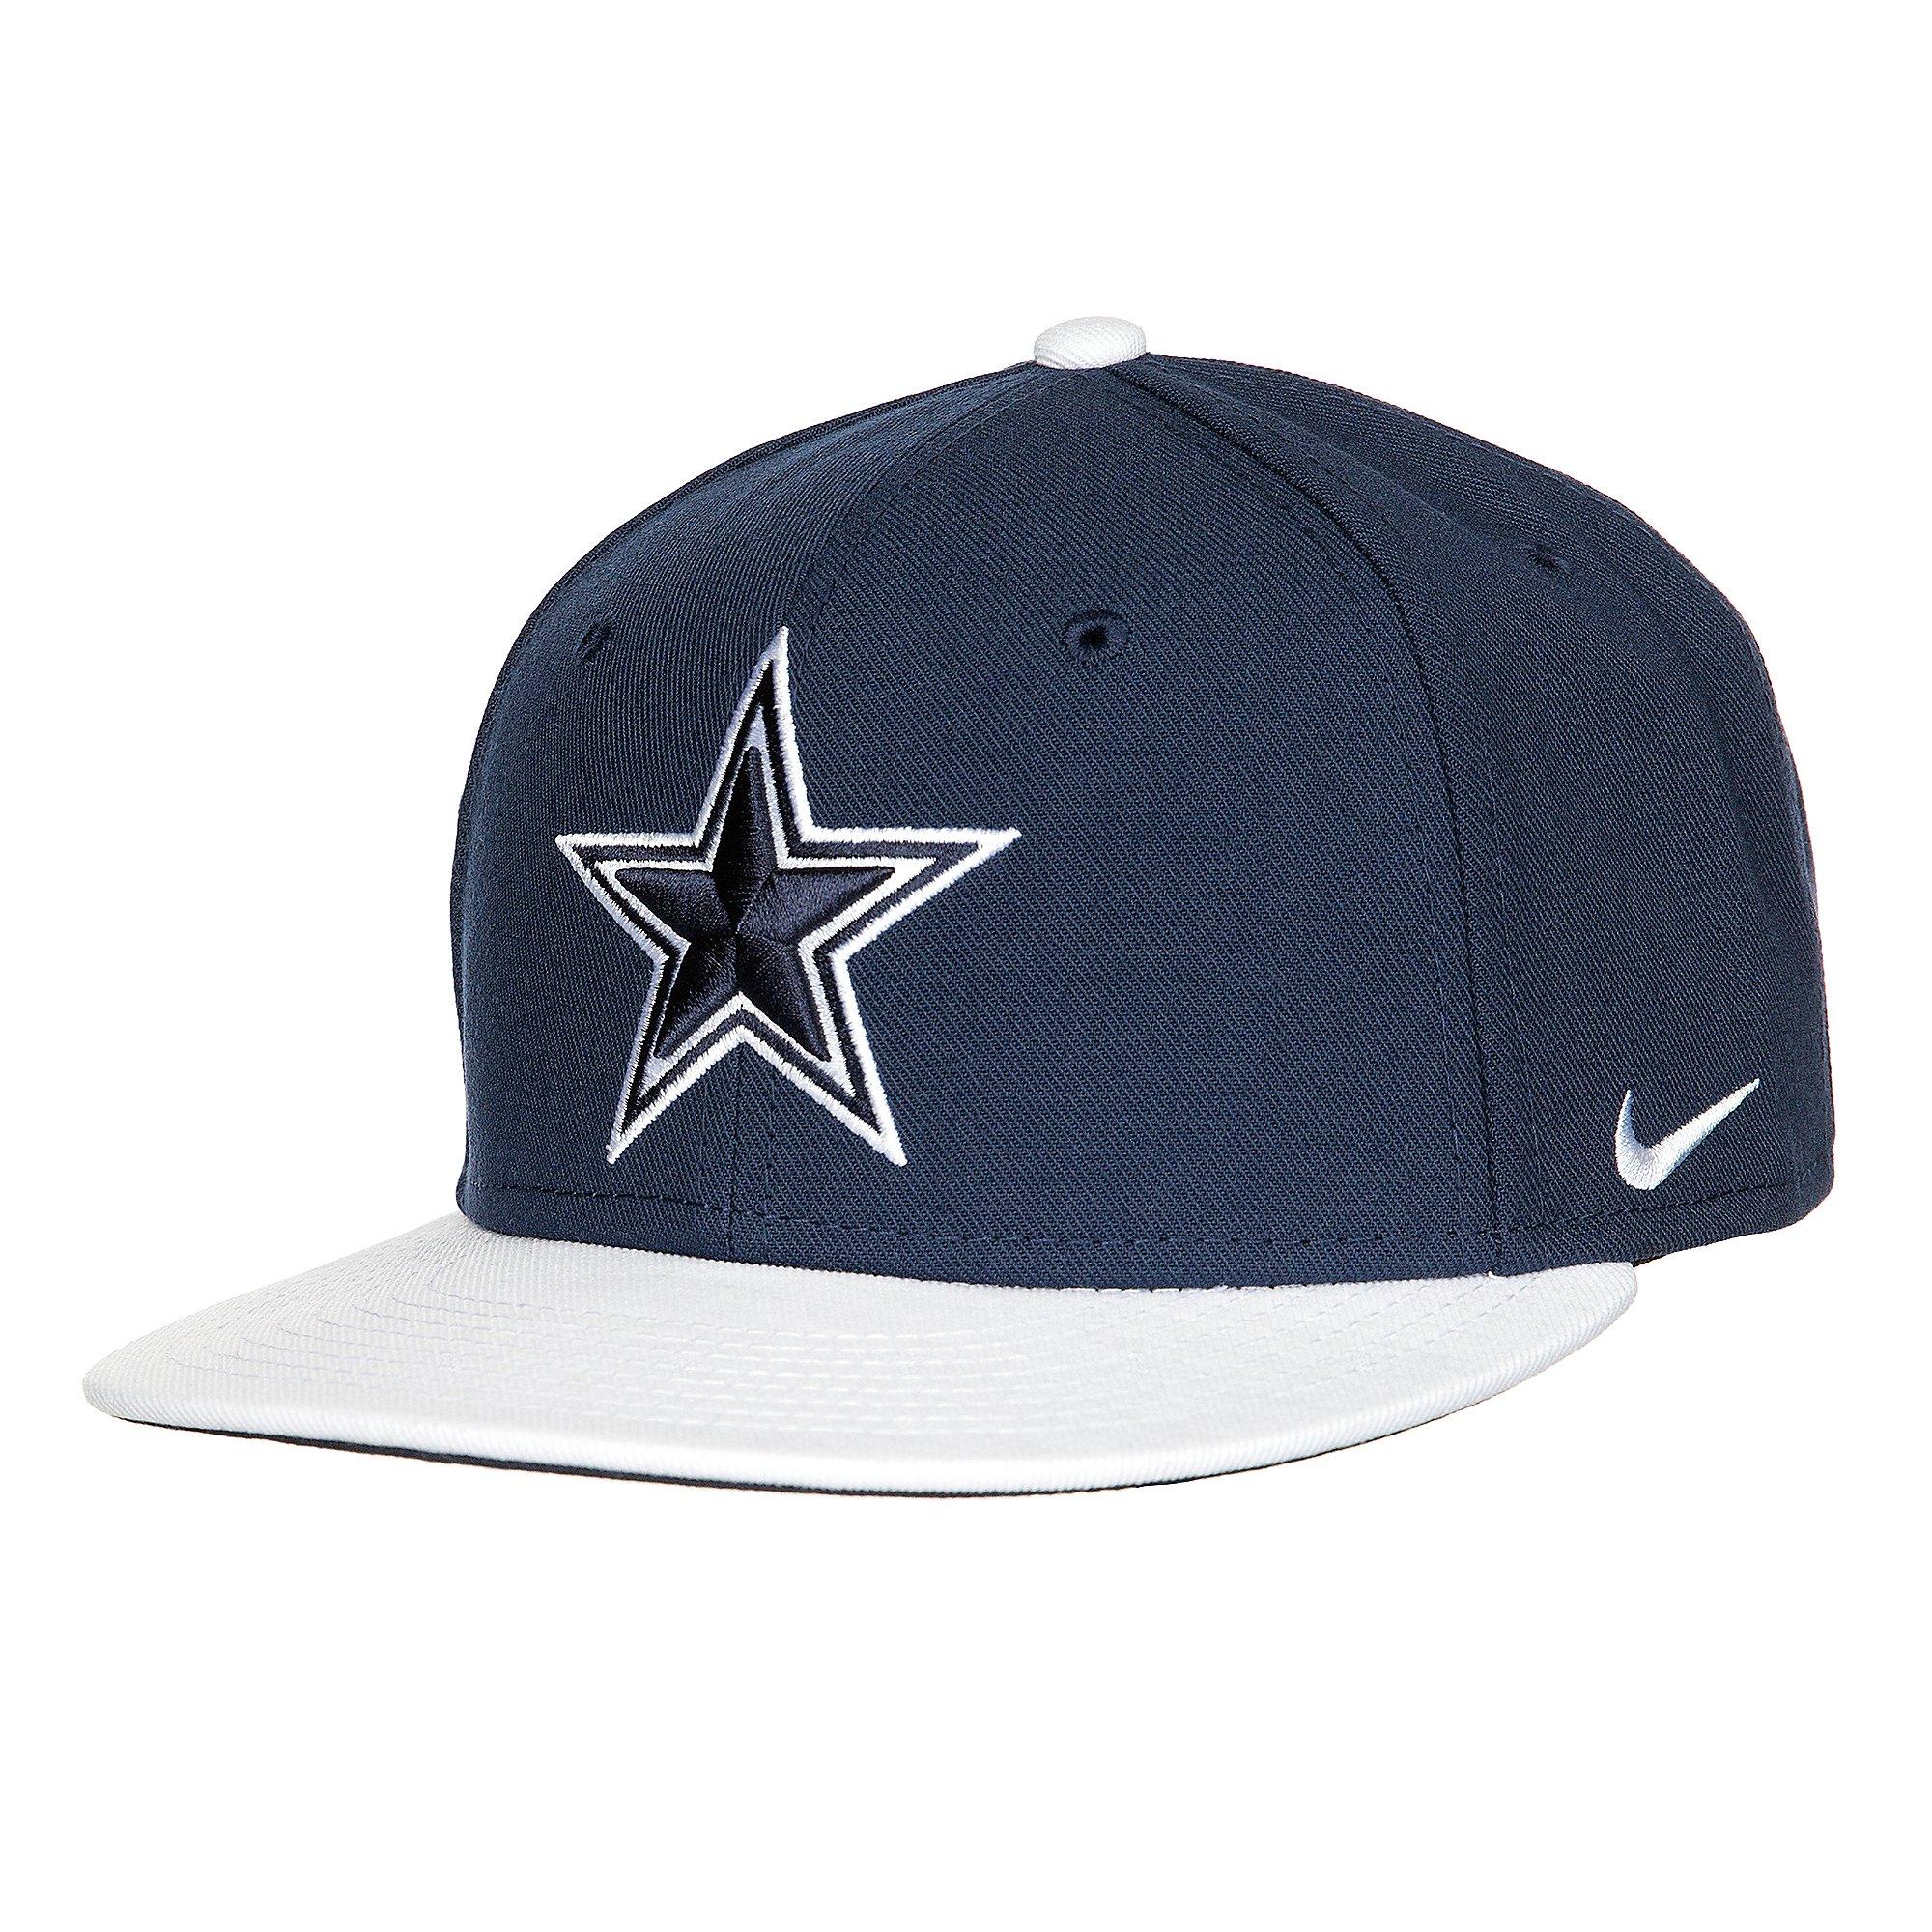 Filadelfia Tropical Accor  Dallas Cowboys Nike True Snapback Cap | Dallas Cowboys Pro Shop